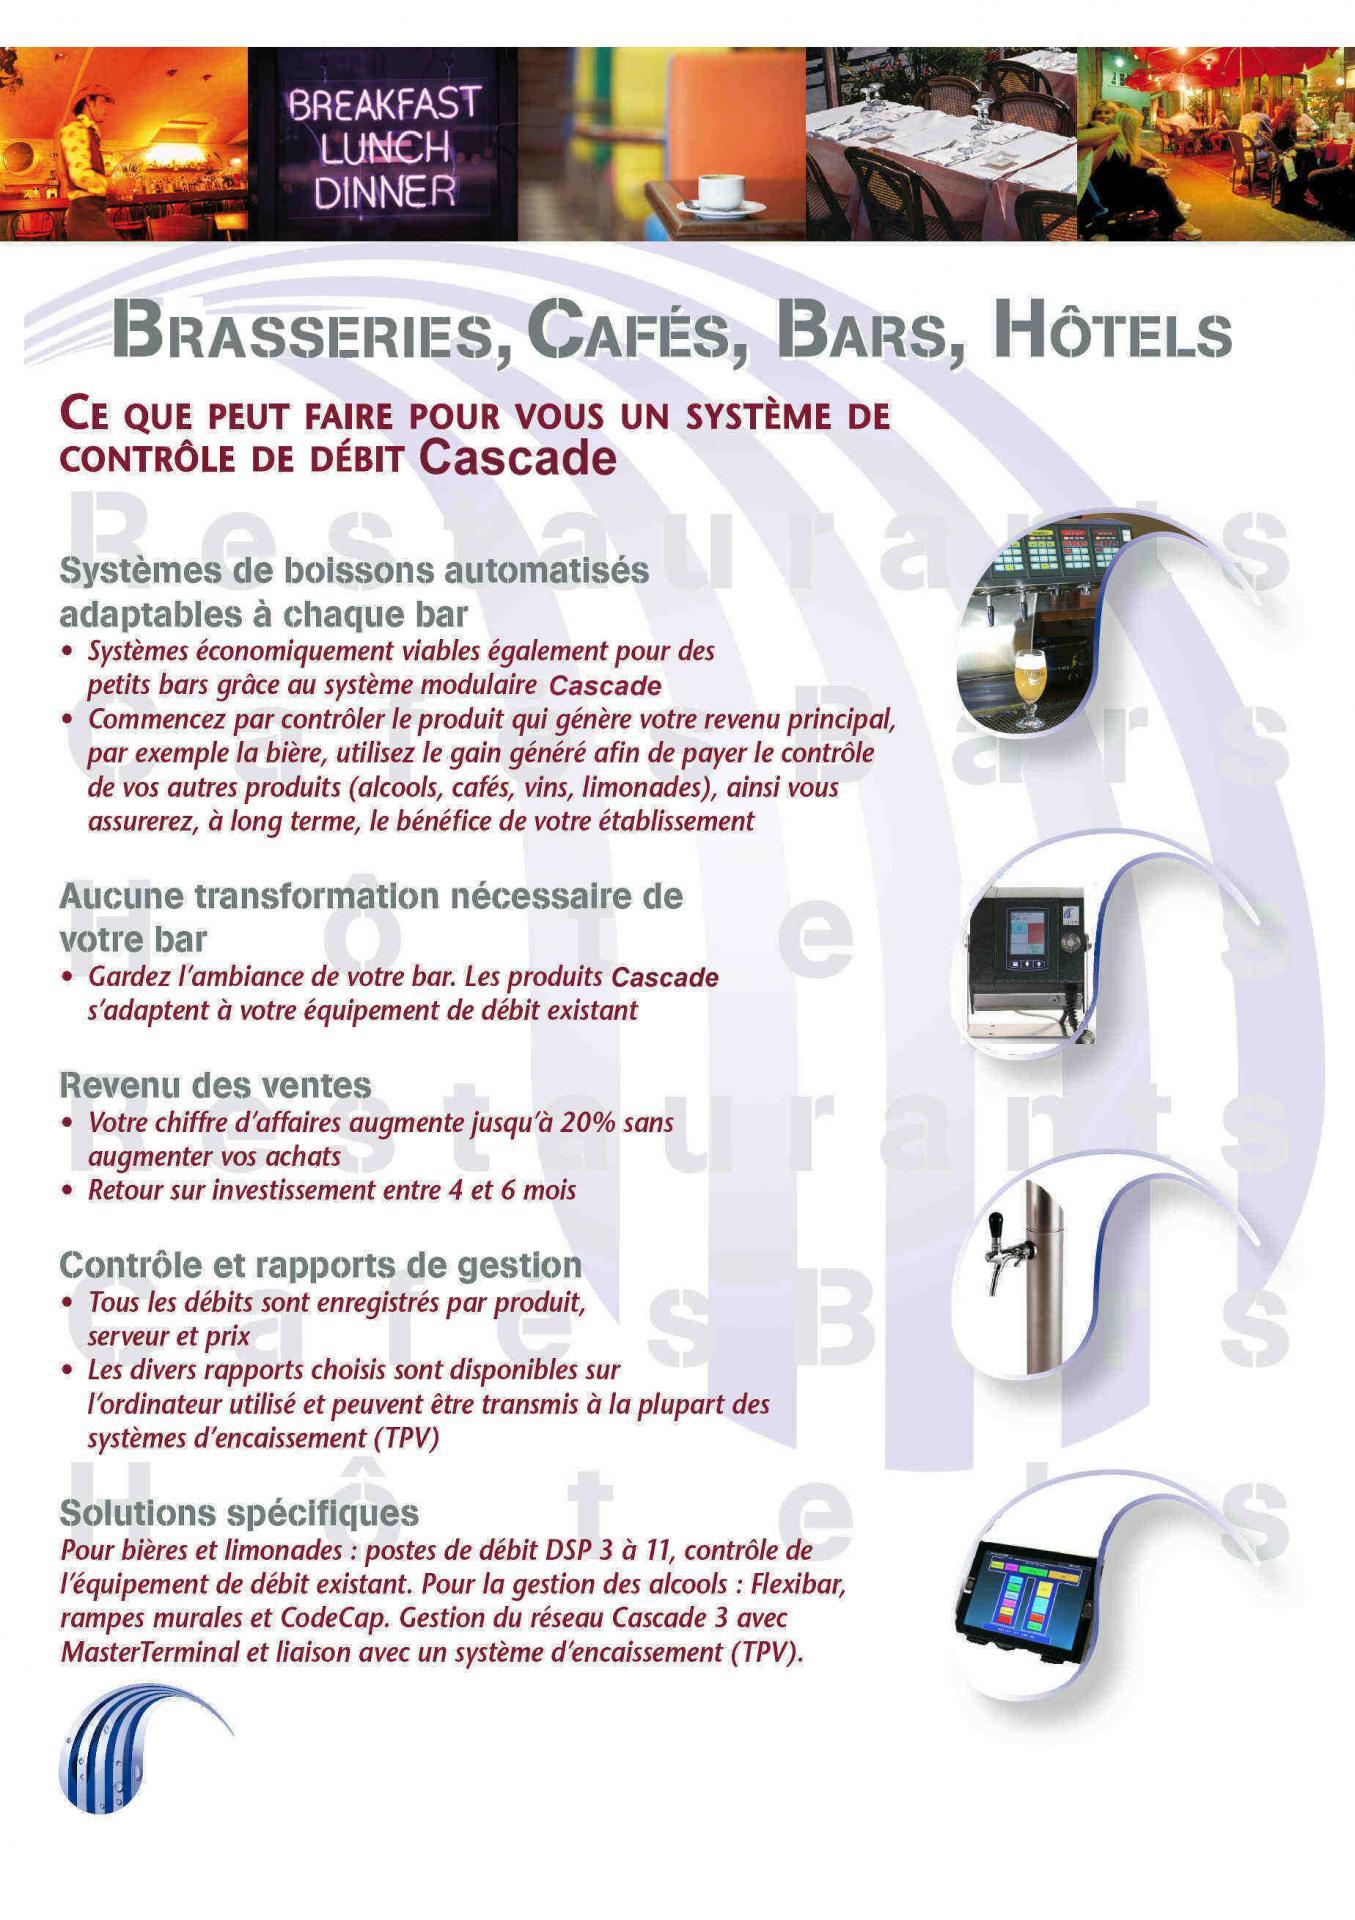 Brasseries1 1